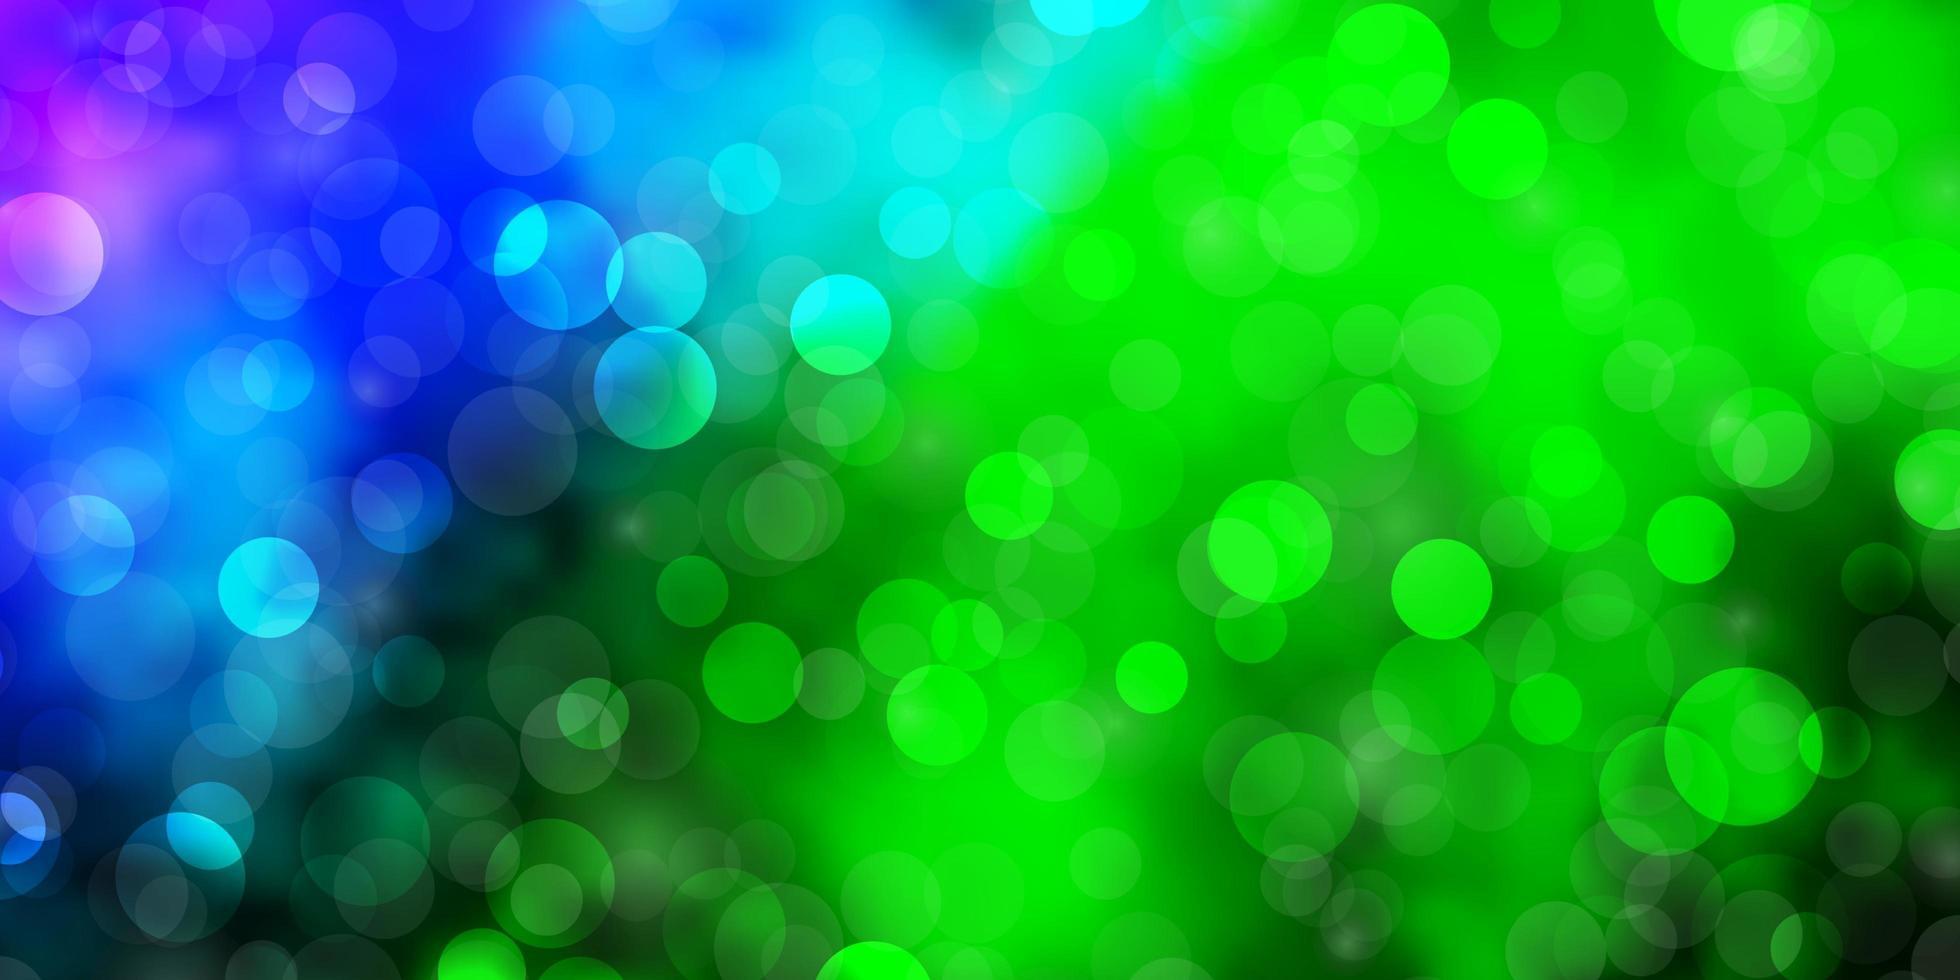 ljusrosa, gröna vektormall med cirklar. vektor